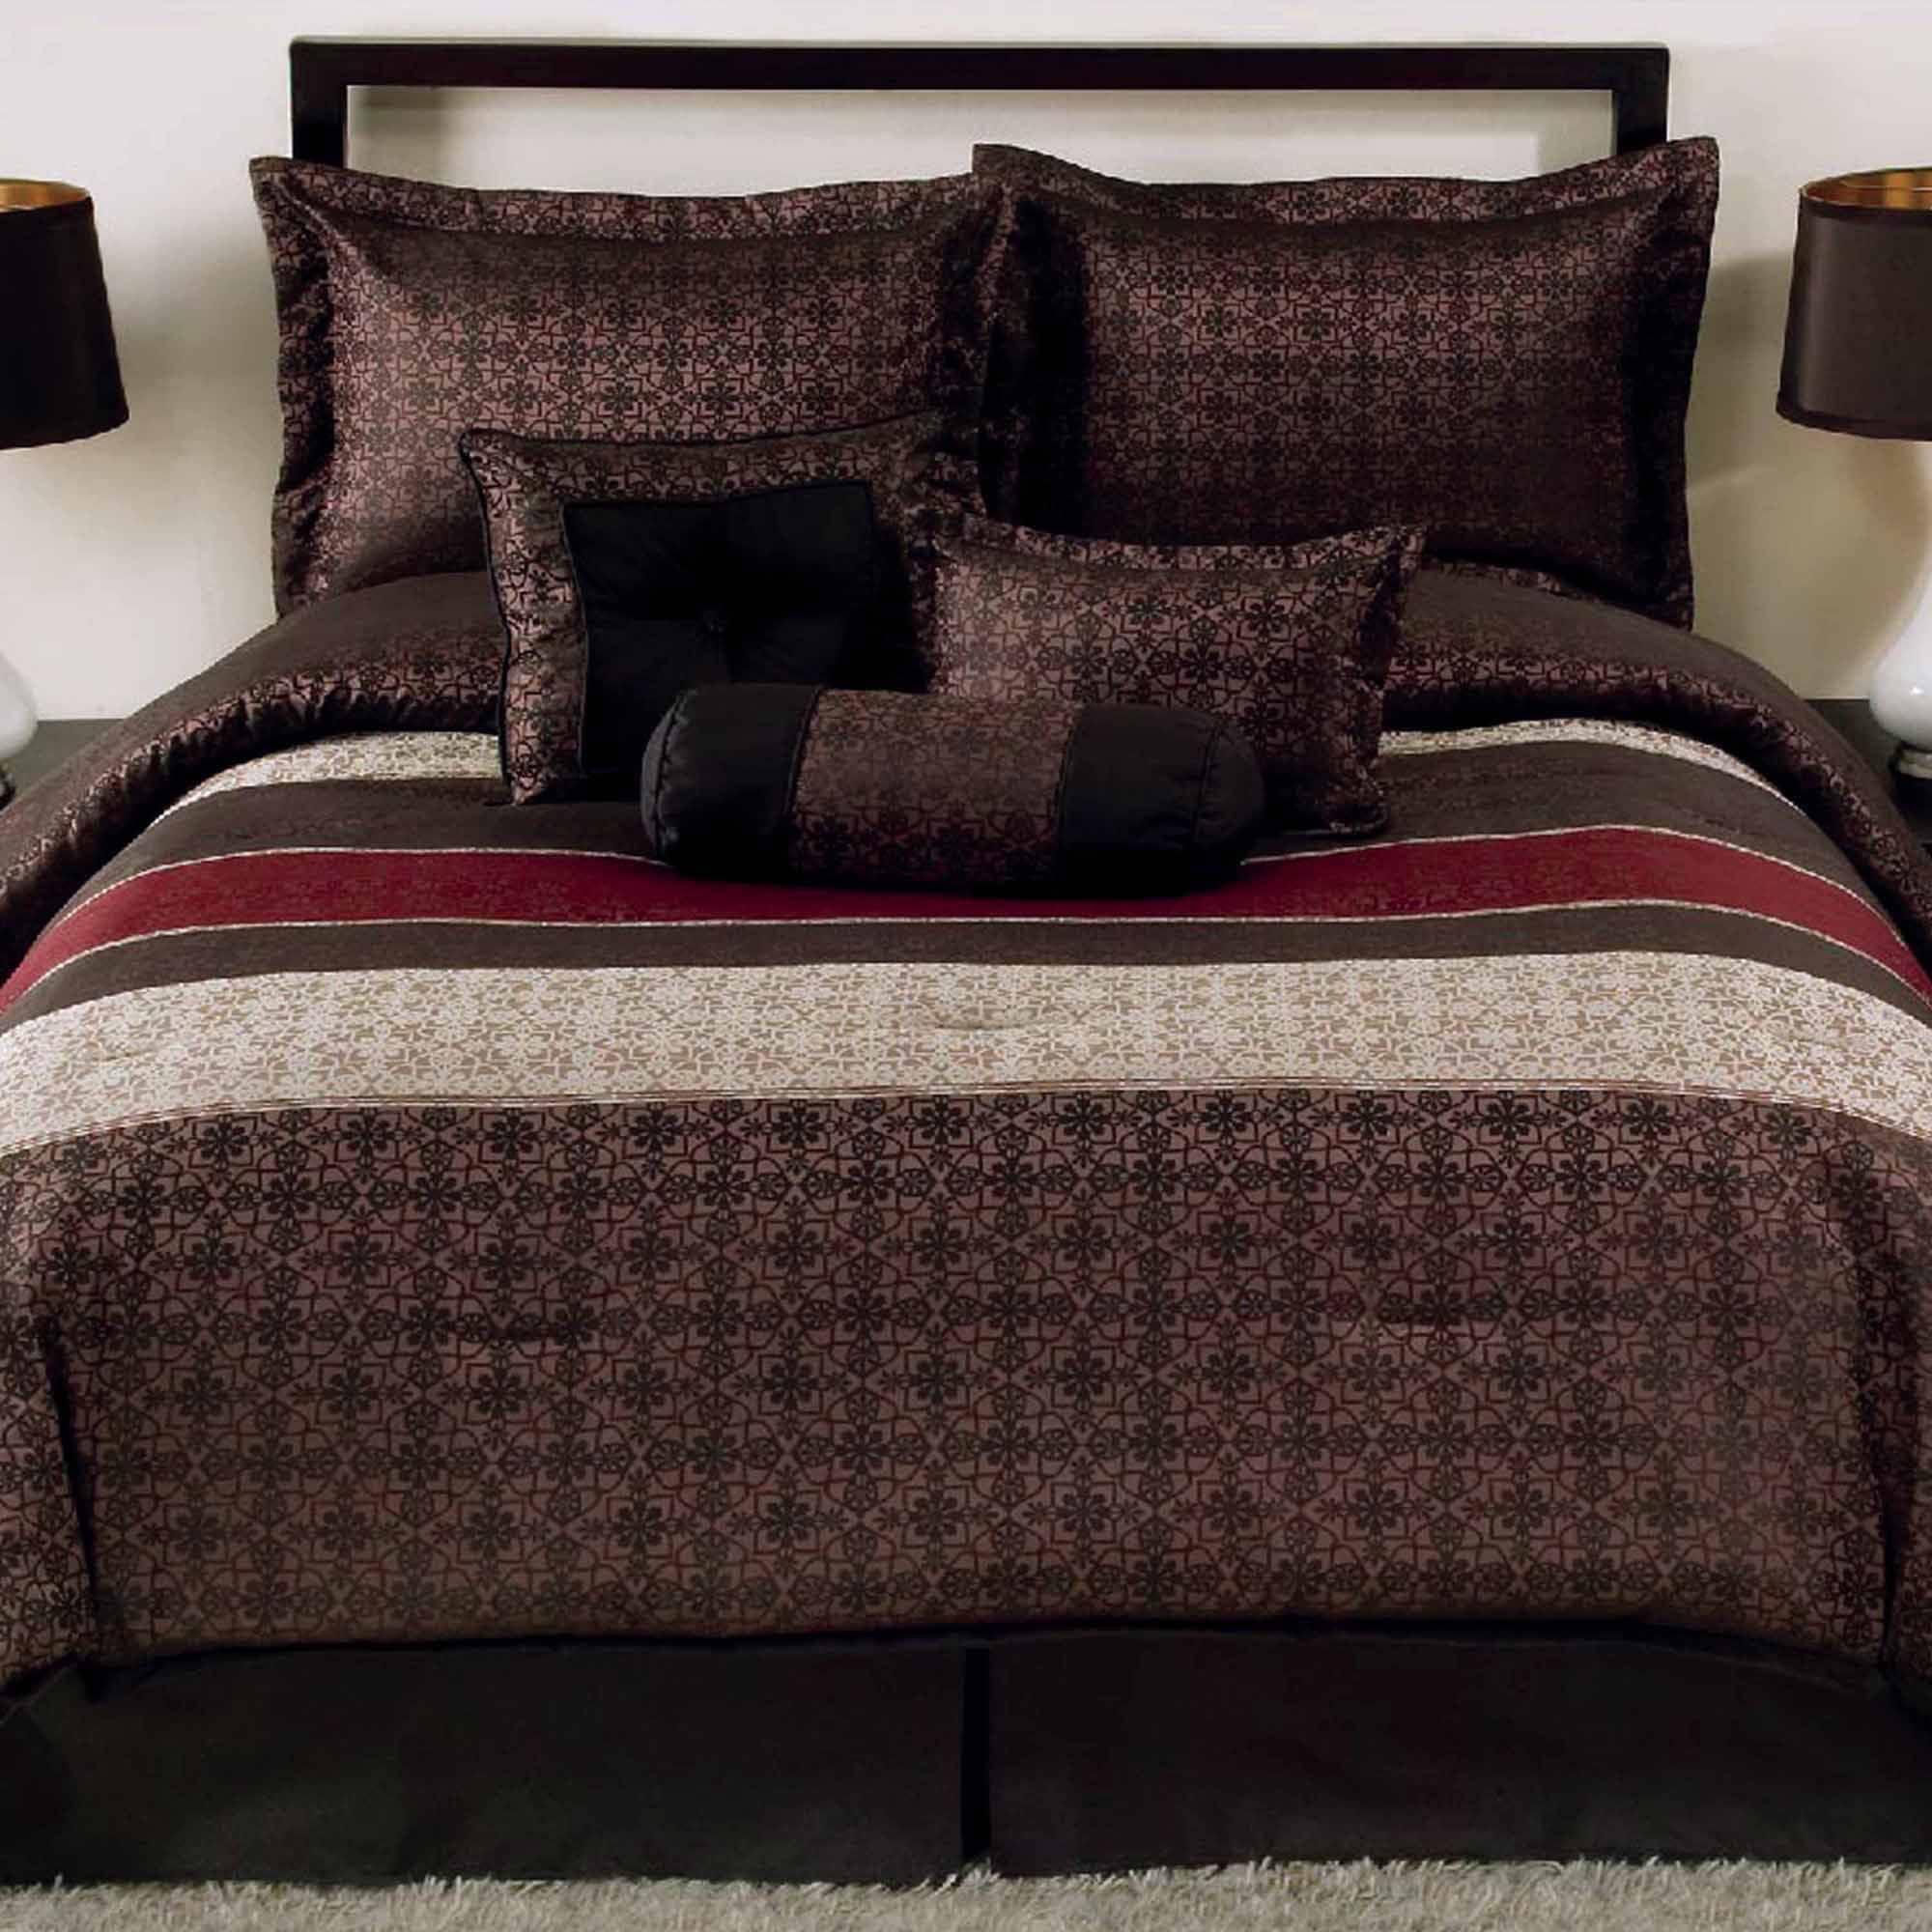 Mainstays Full or Queen Medici Comforter Set, 7 Piece